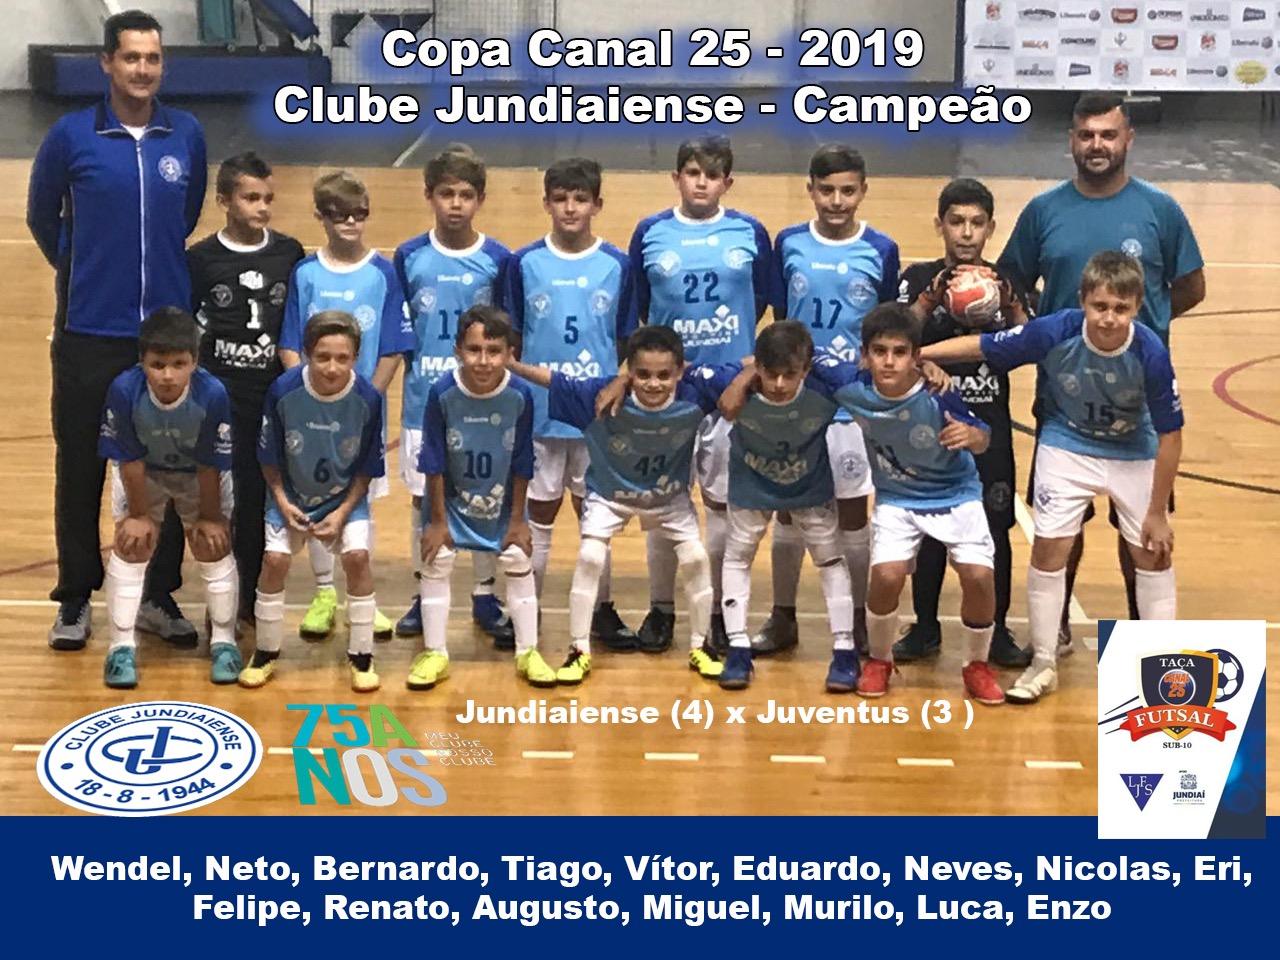 Futsal sub-10 - Campeão da Copa canal 25